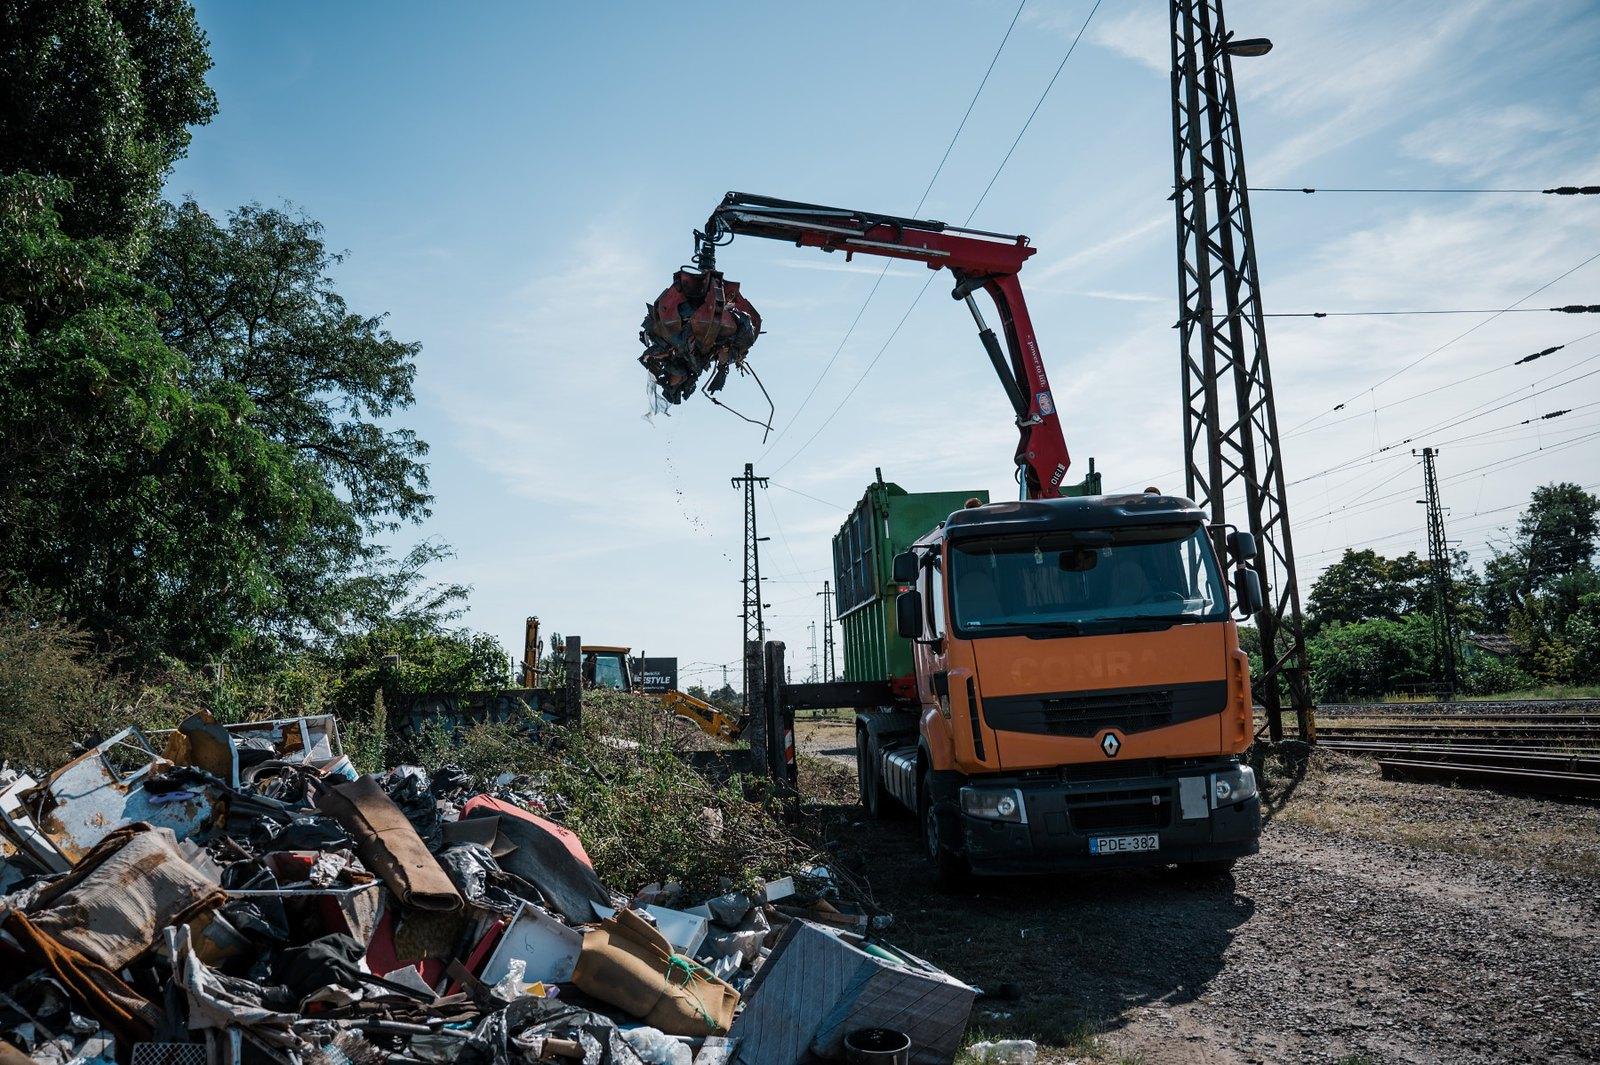 A vasútnál található illegális hulladéklerakók ellen küzd a MÁV